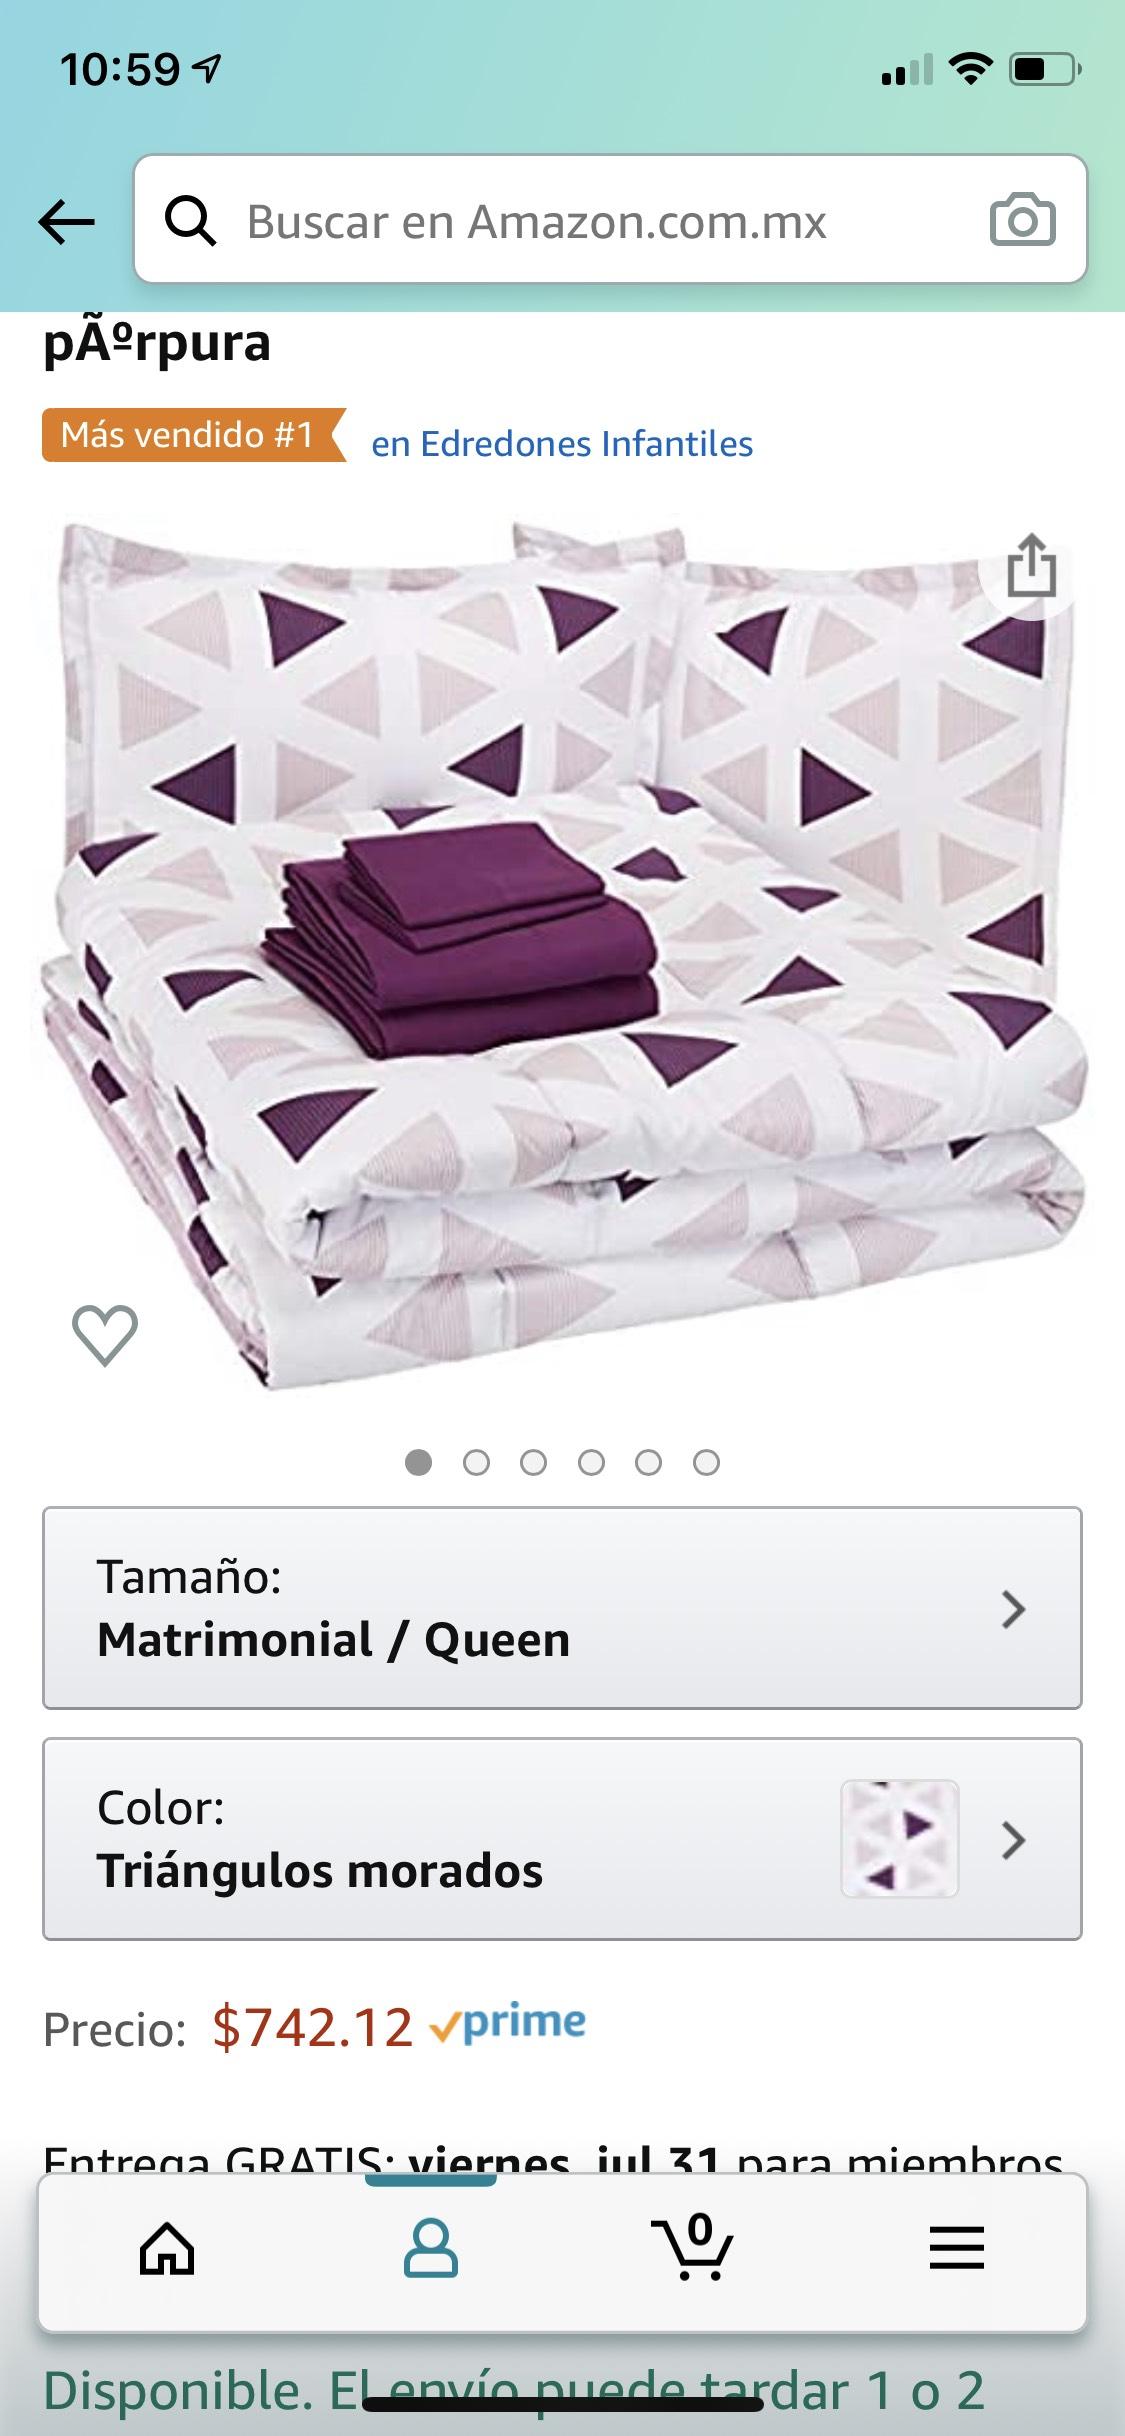 Amazon: Juego de cama matrimonial/queen